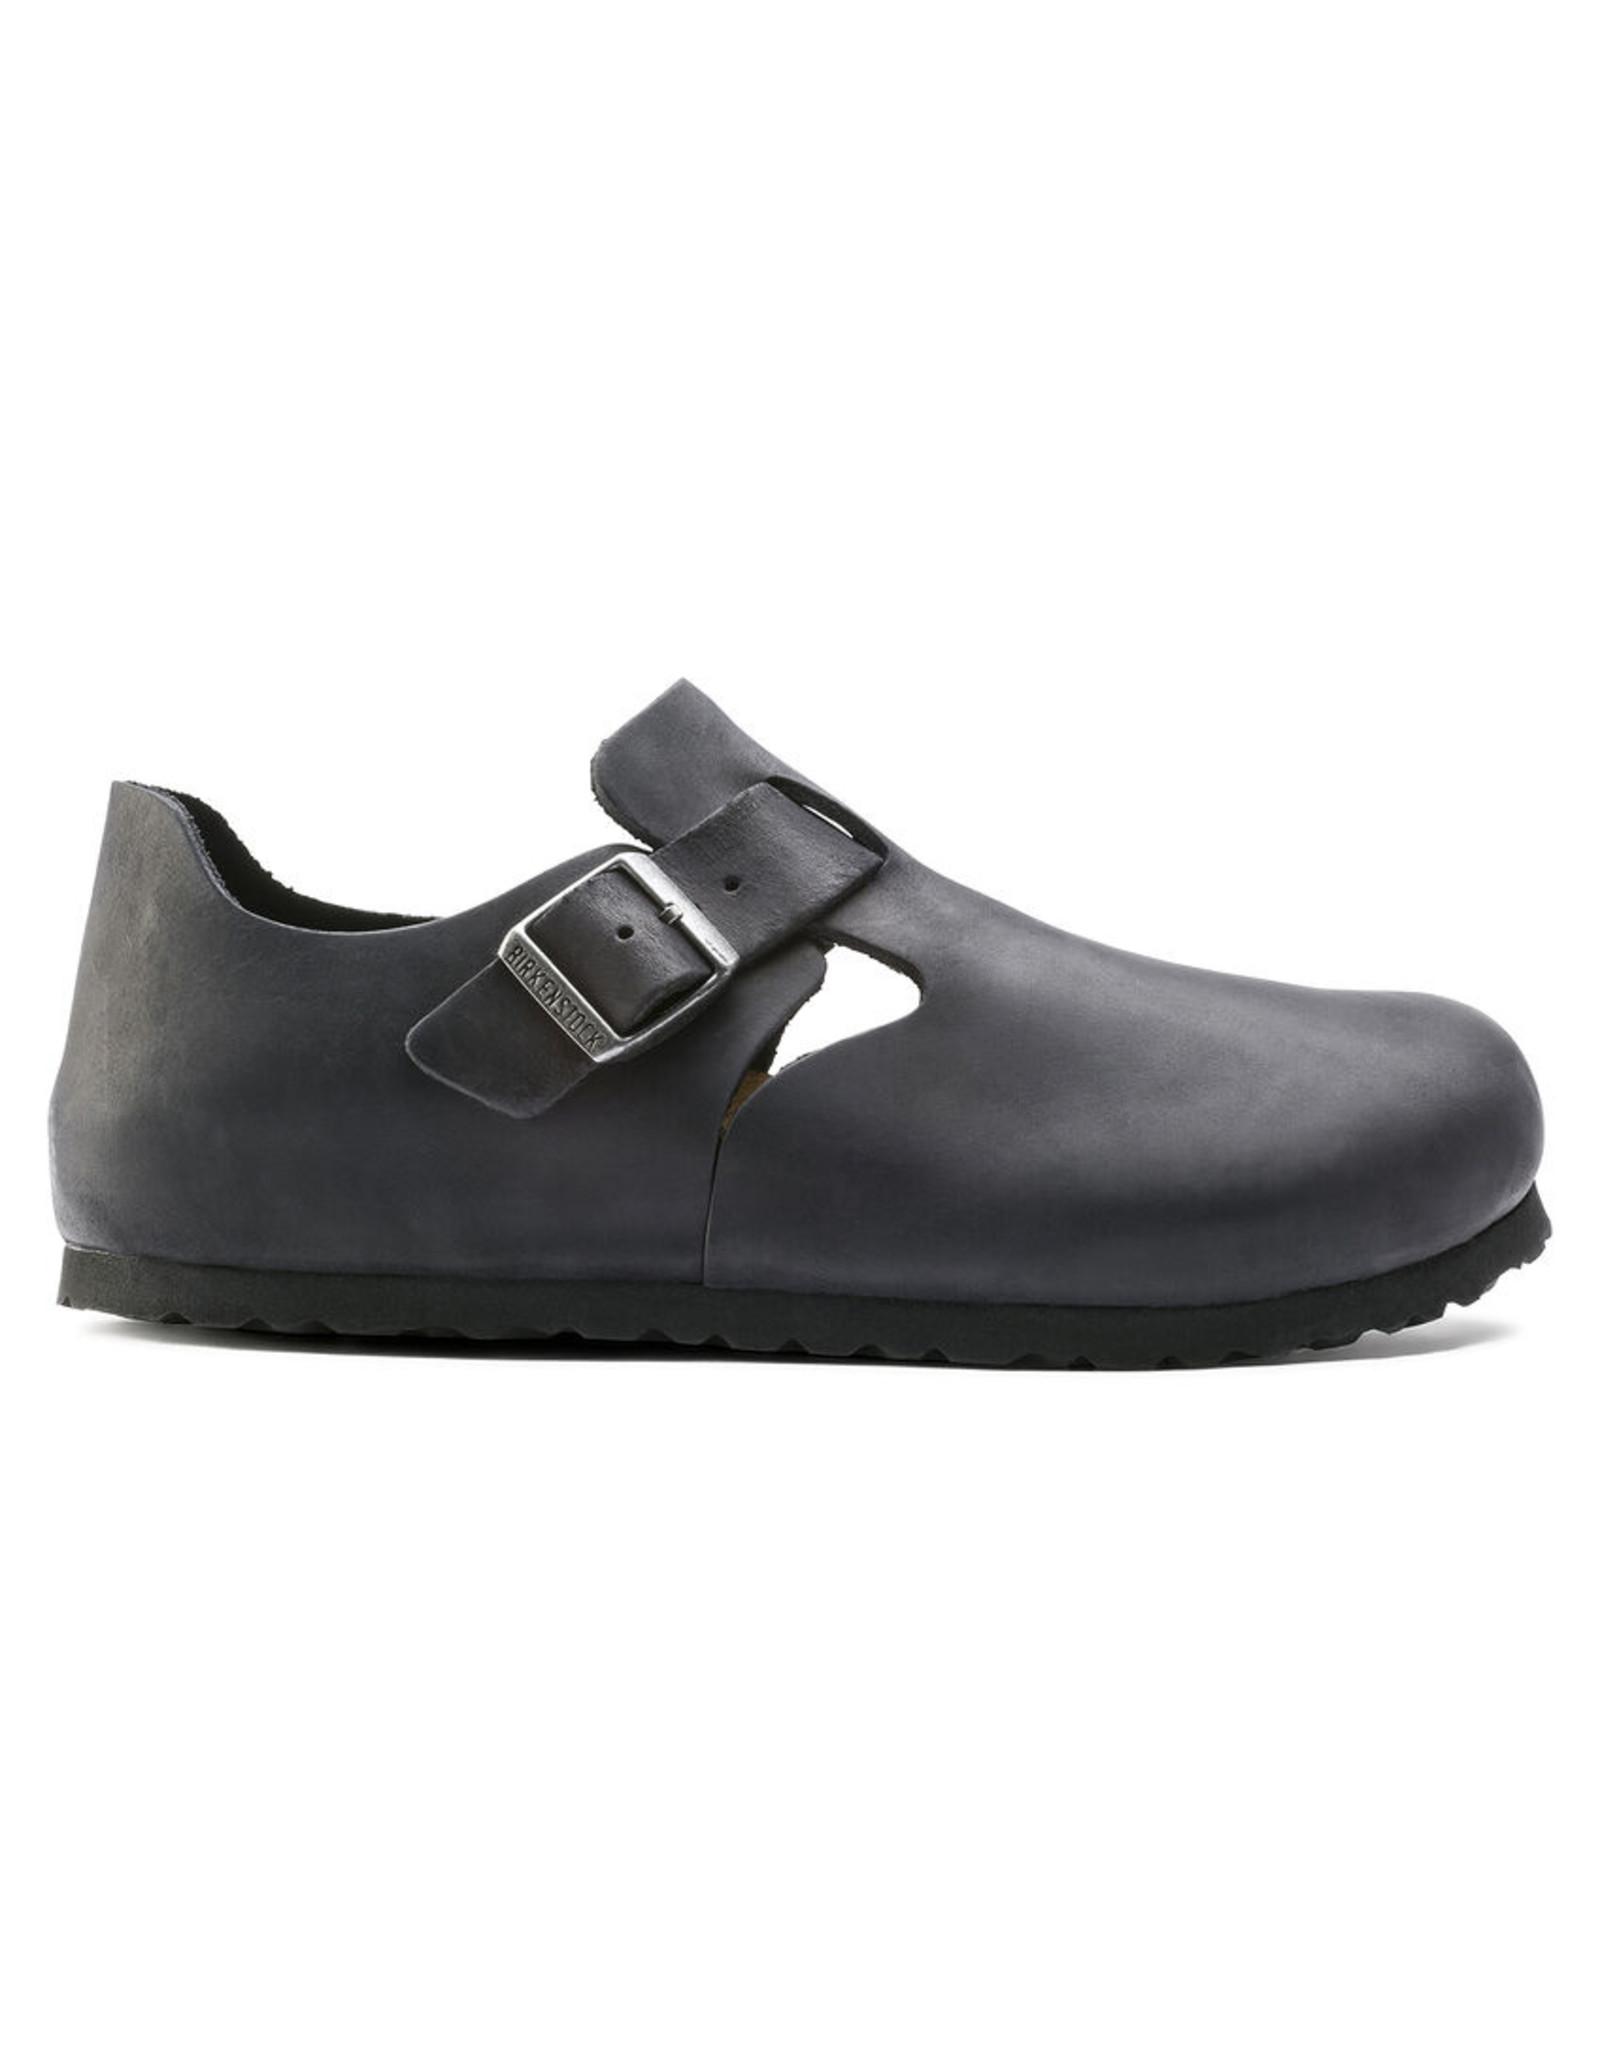 Birkenstock London Buckle Shoe-Blk Oiled